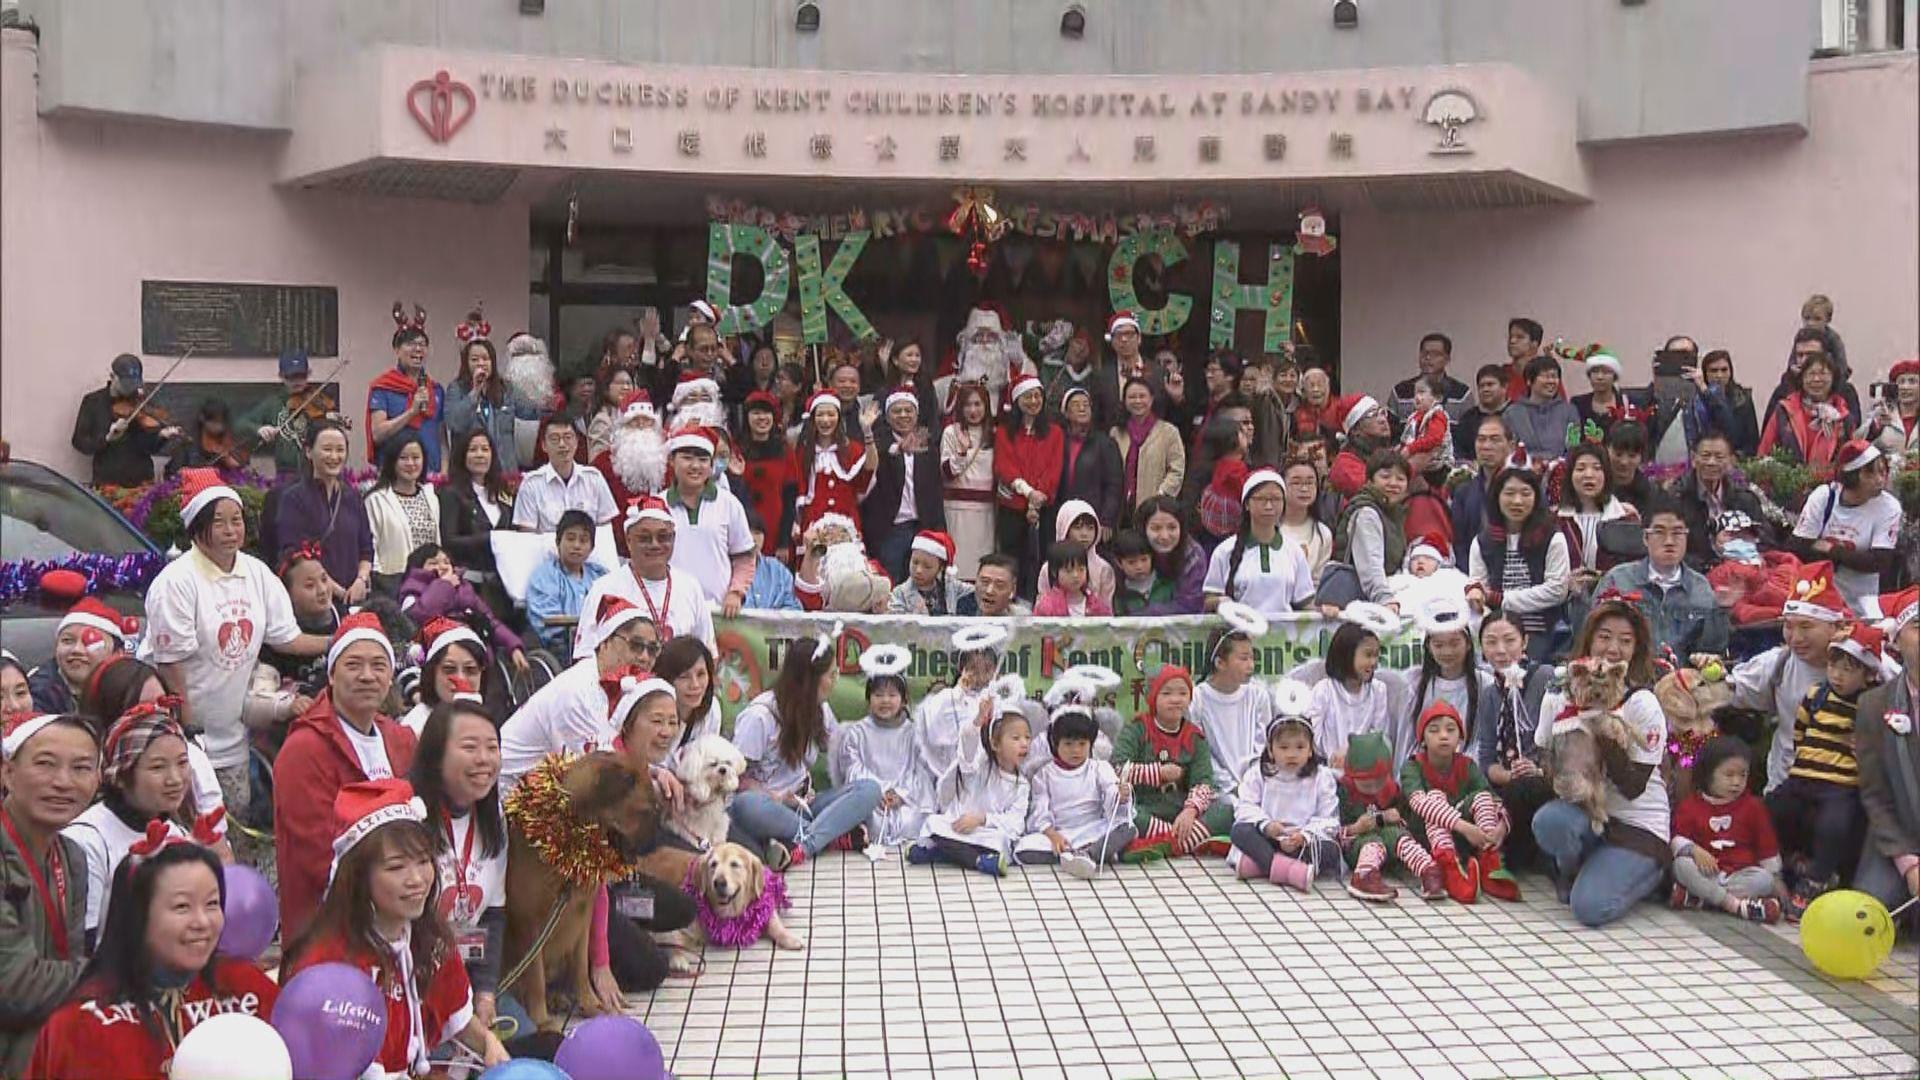 大口環兒童醫院為病童慶祝聖誕